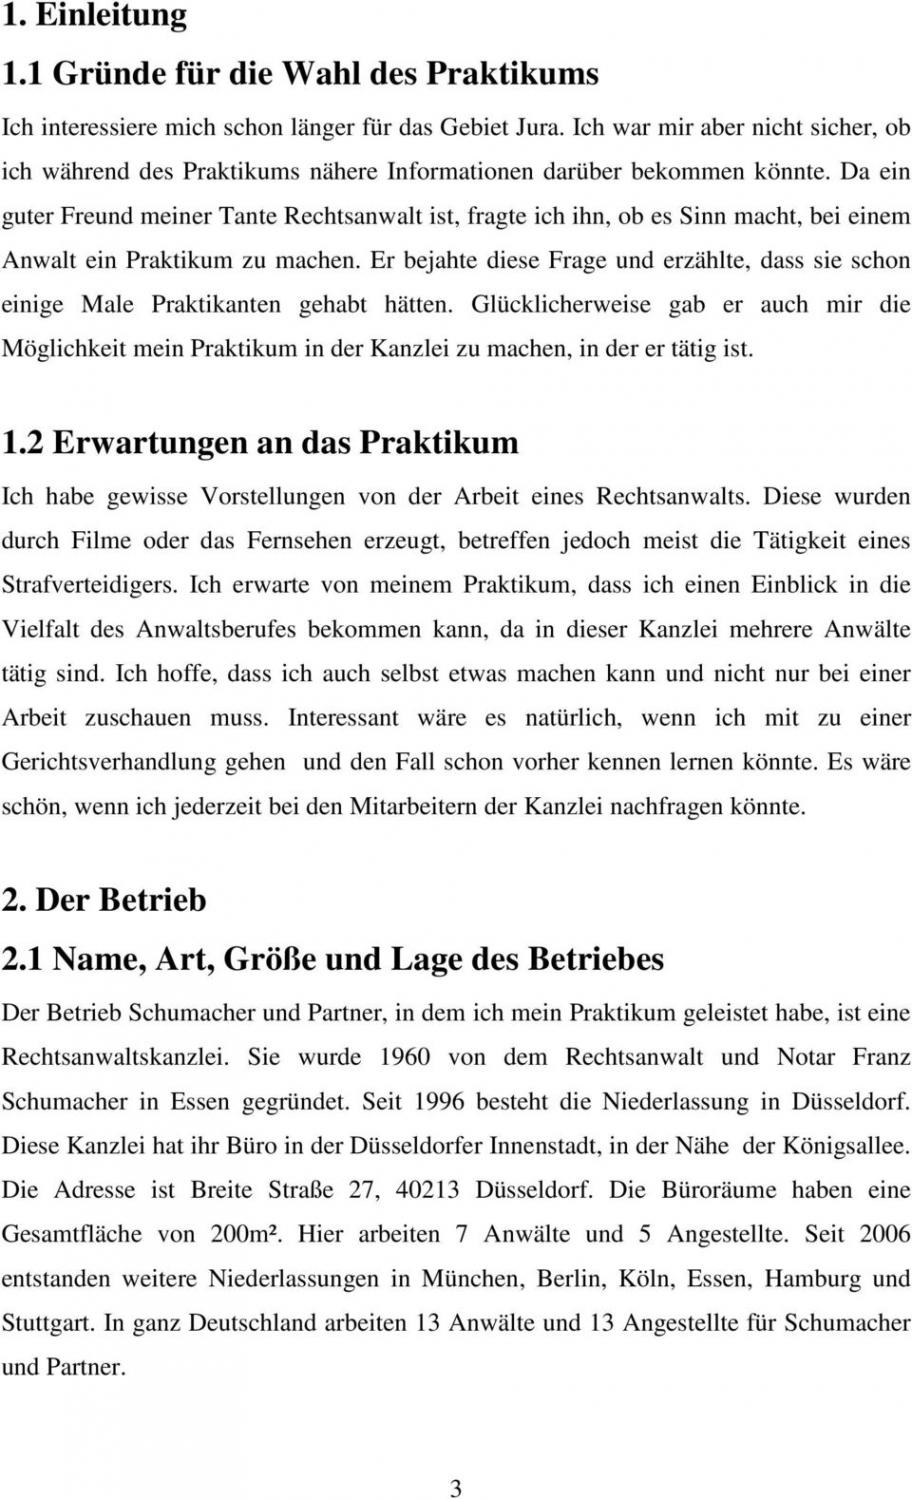 Sampler Erwartungen An Mein Praktikum Vorlage PDF Bearbeitbar